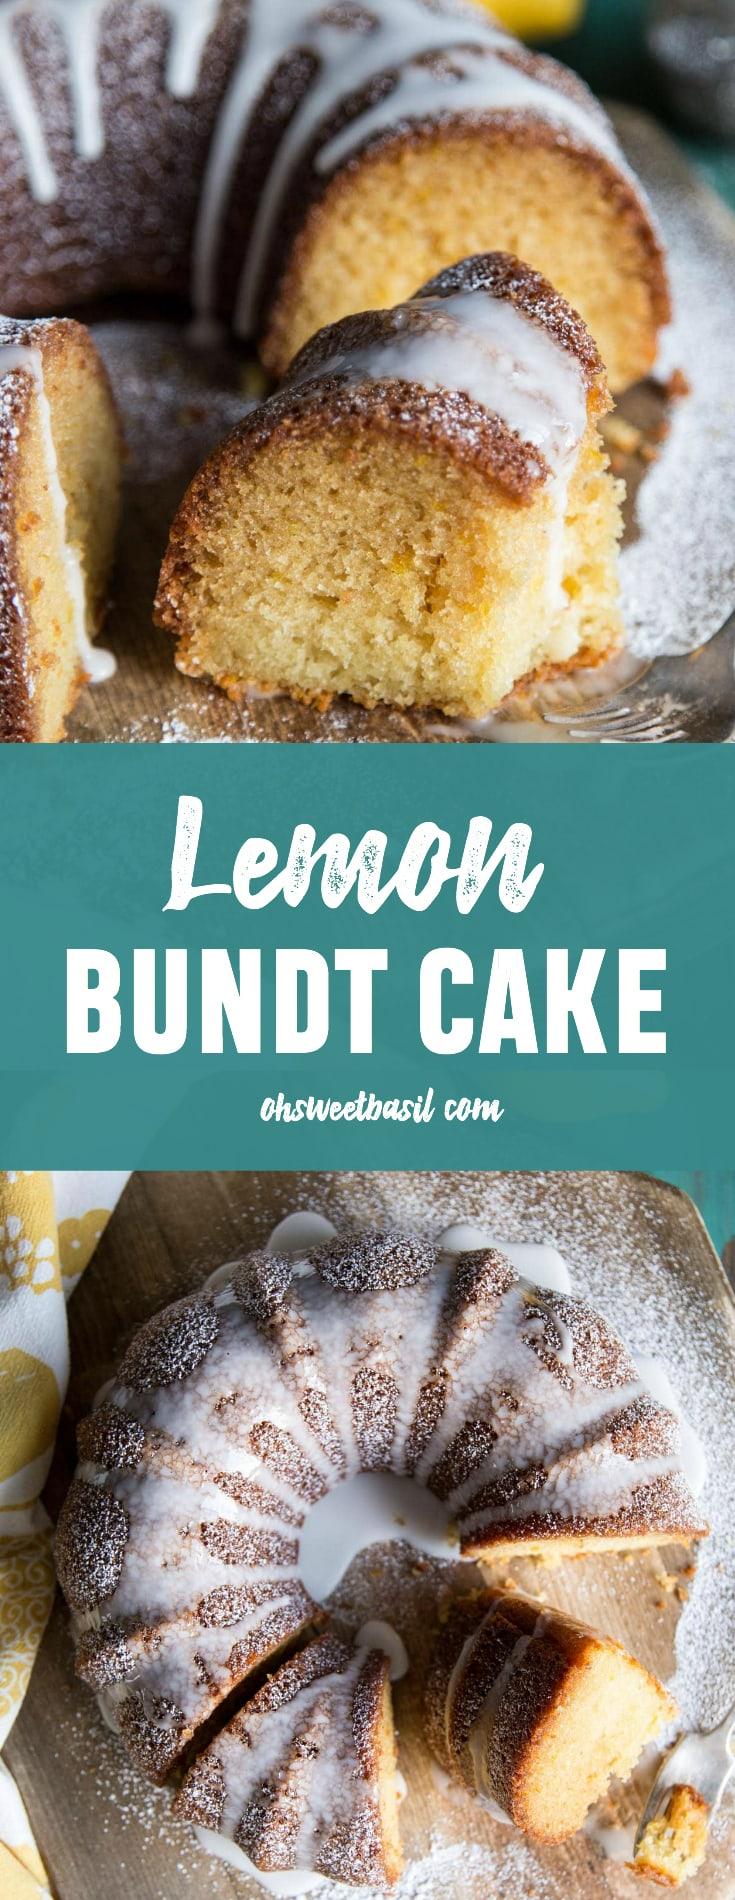 A slice of lemon bundt cake with glaze